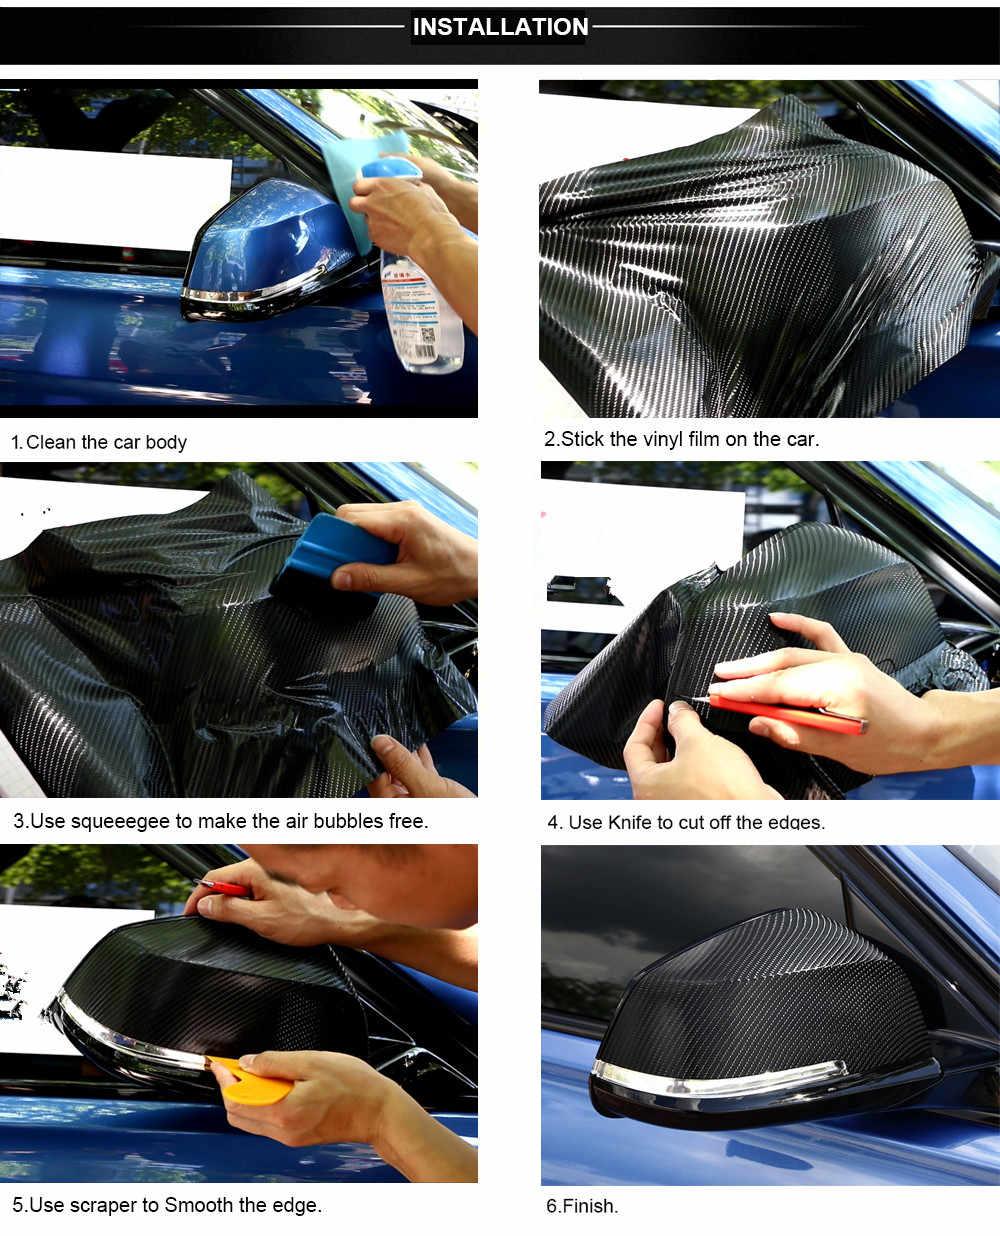 30x127 cm 3D 5D AUTO Involucro In Fibra di Carbonio autoadesivo della Pellicola e la Decalcomania PER BMW E34 F10 F20 E92 e38 E91 E53 E70 X5 M M3 E46 E39 E38 E90